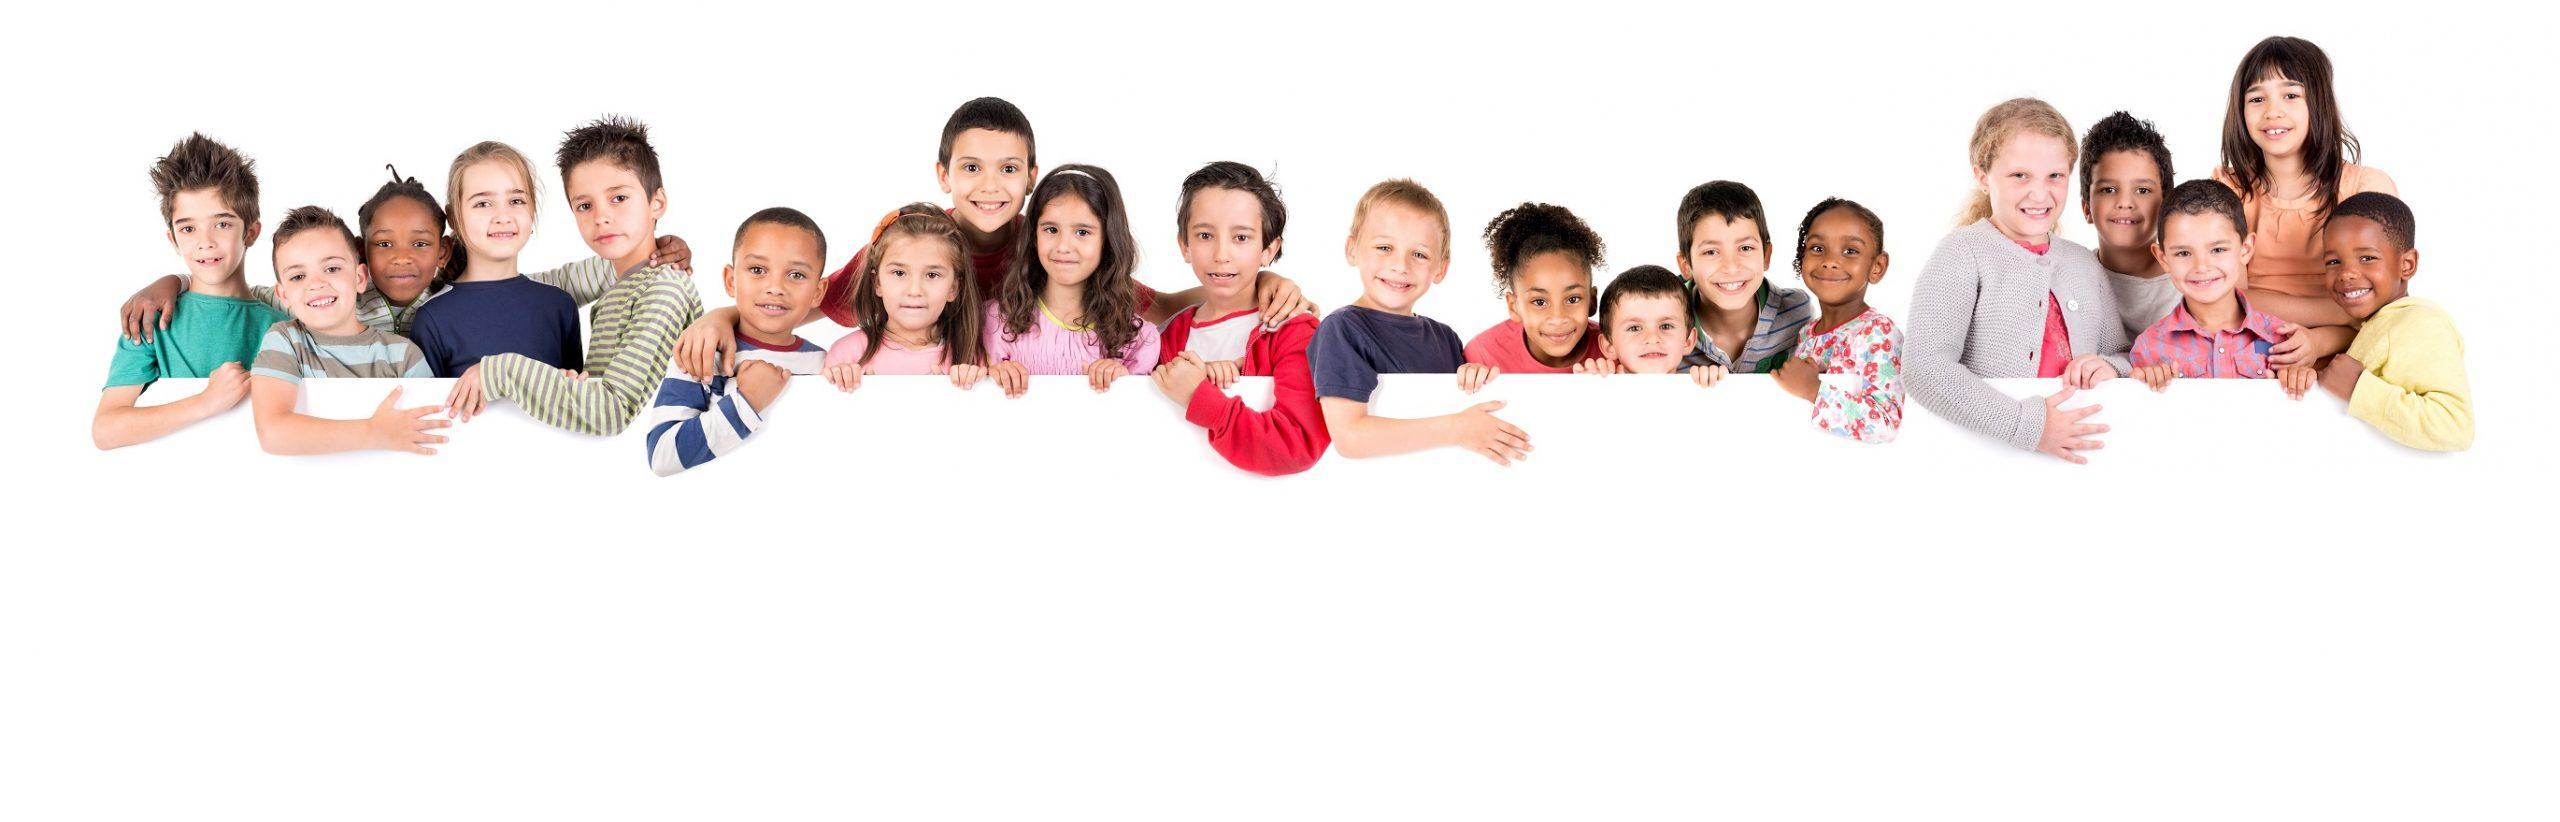 Sicurezza dei bambini a scuola